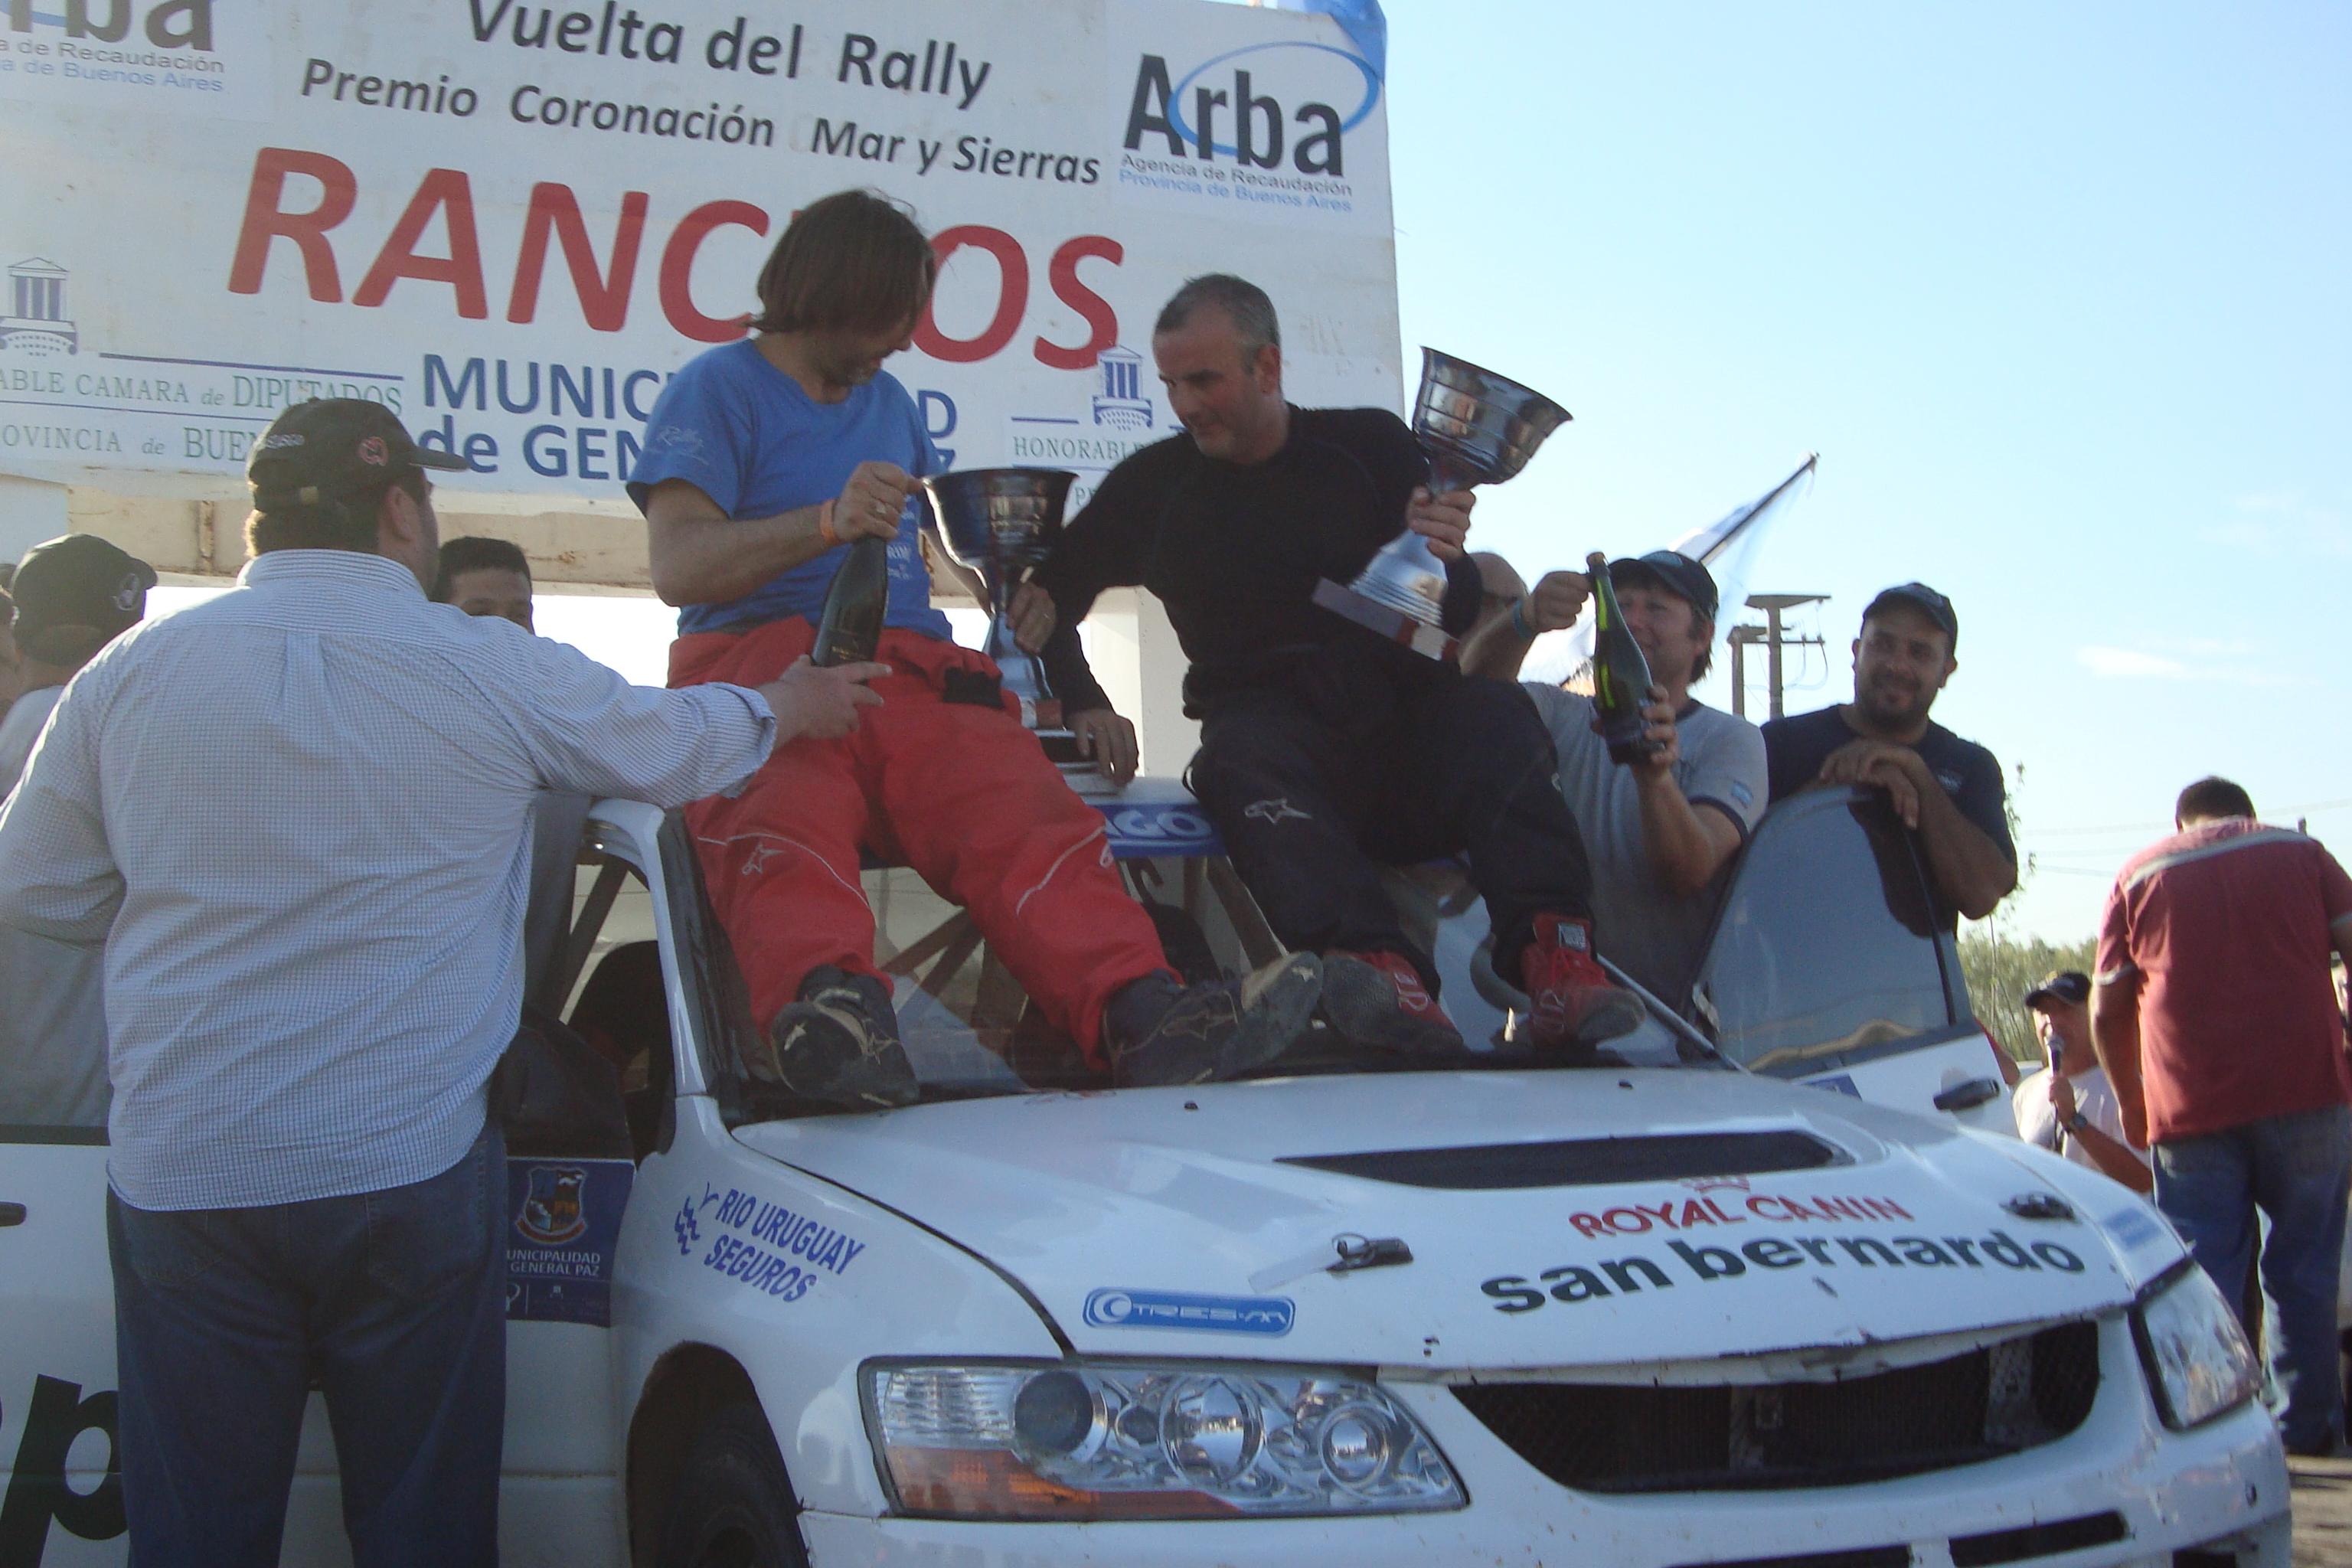 Rally M. y Sierras: Ganó Castelo en Ranchos, y entre los festejos de esta zona, Obstronsky se llevó un título a Chascomús